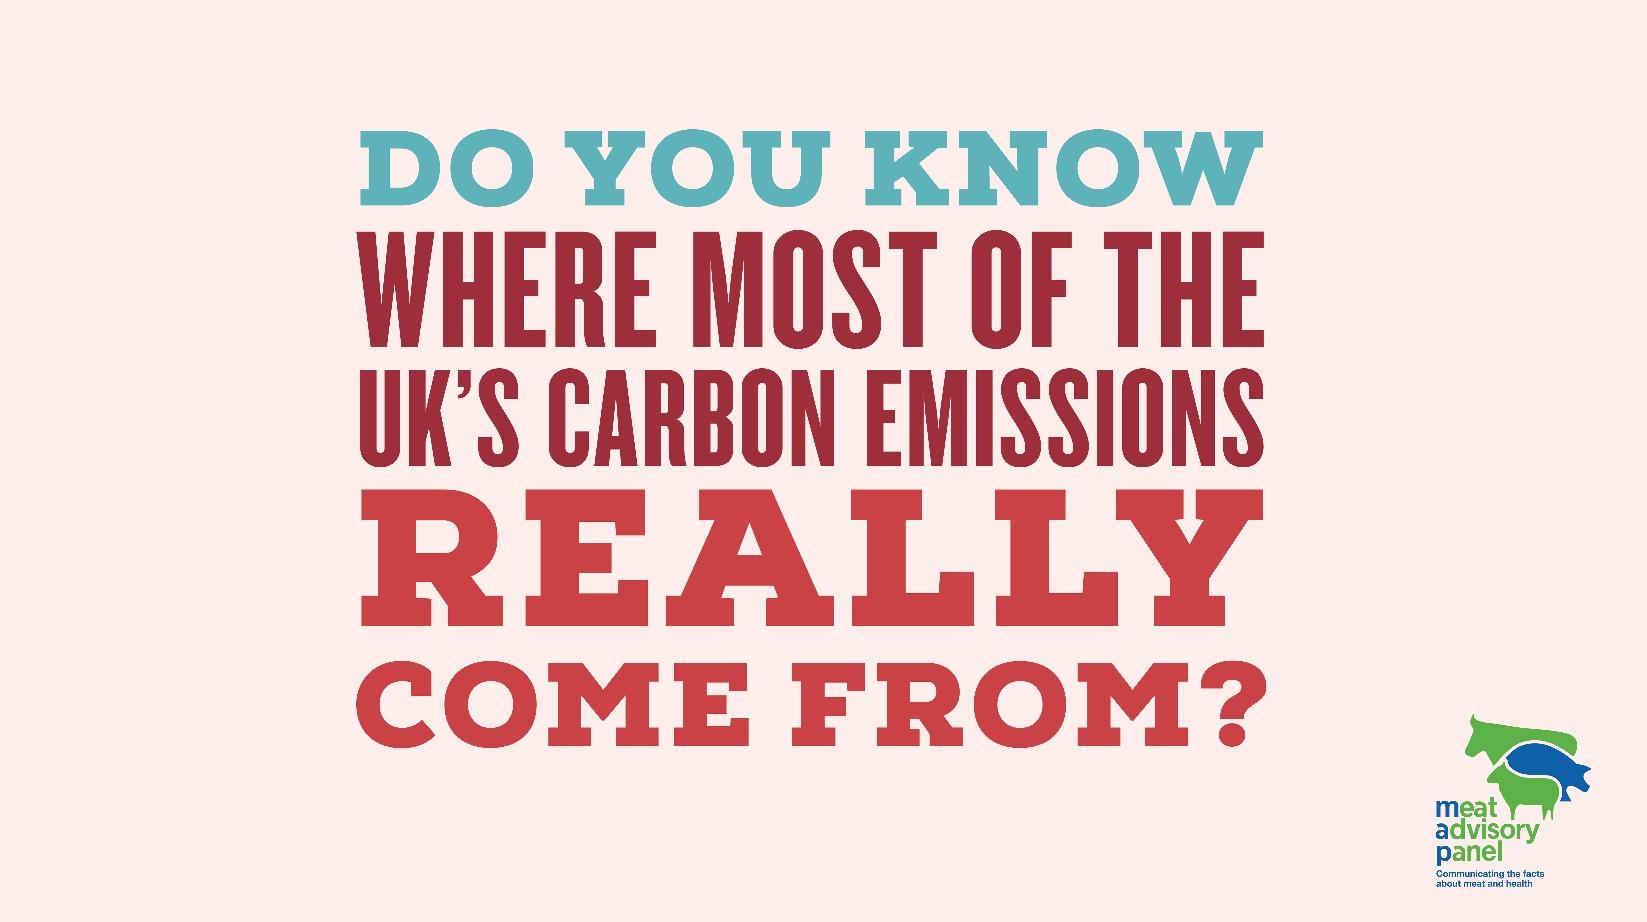 Carbon_emissions_part1.jpg